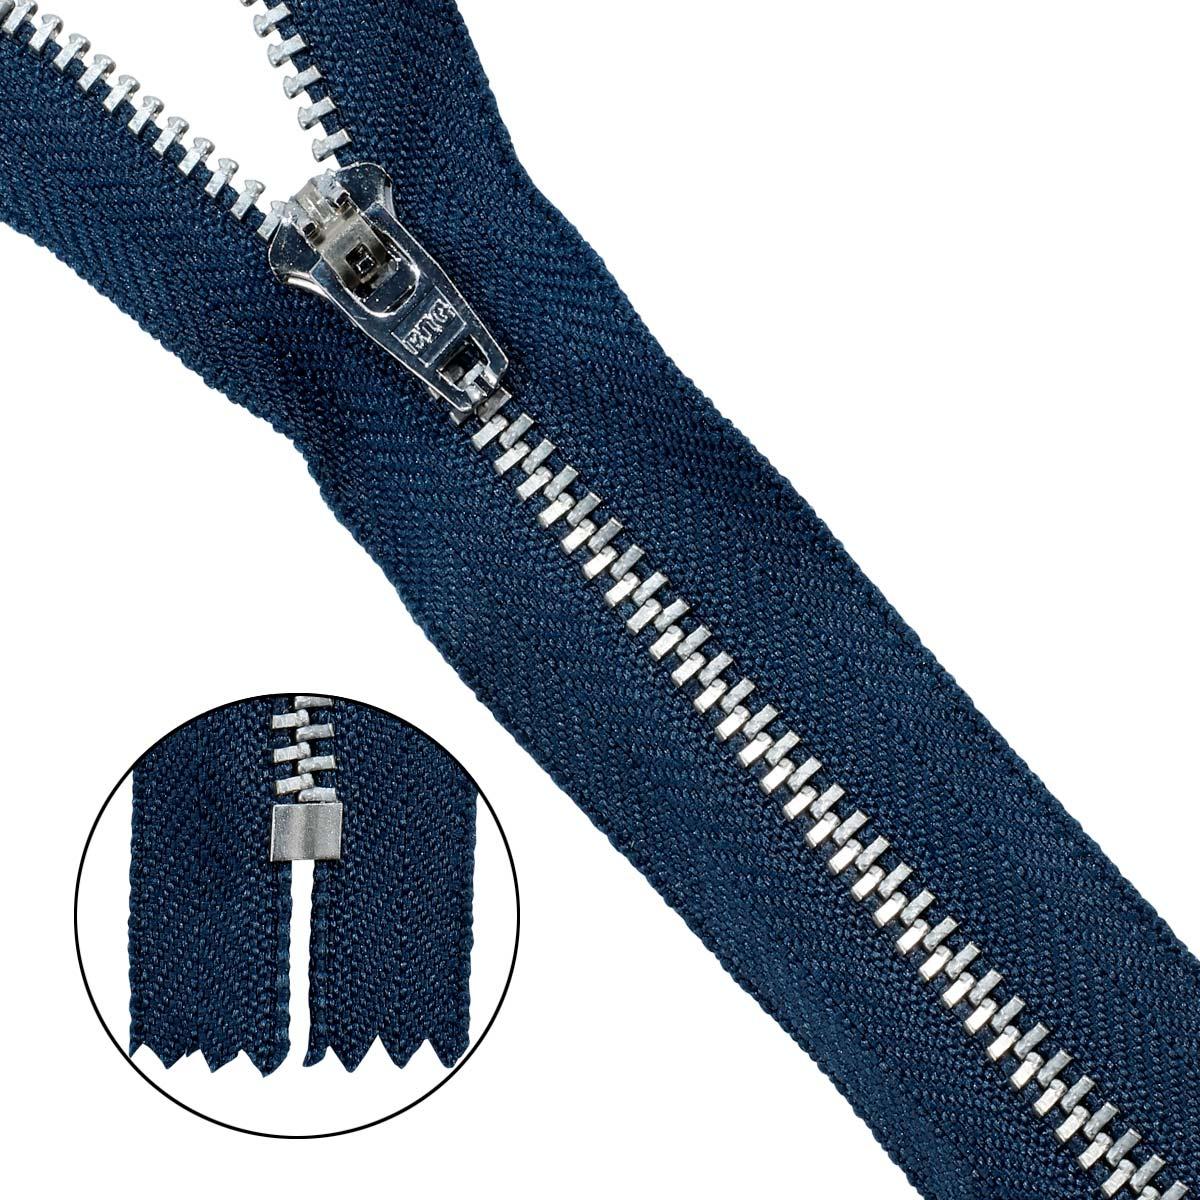 39081/14-Н Молния джинсовая 14см син.